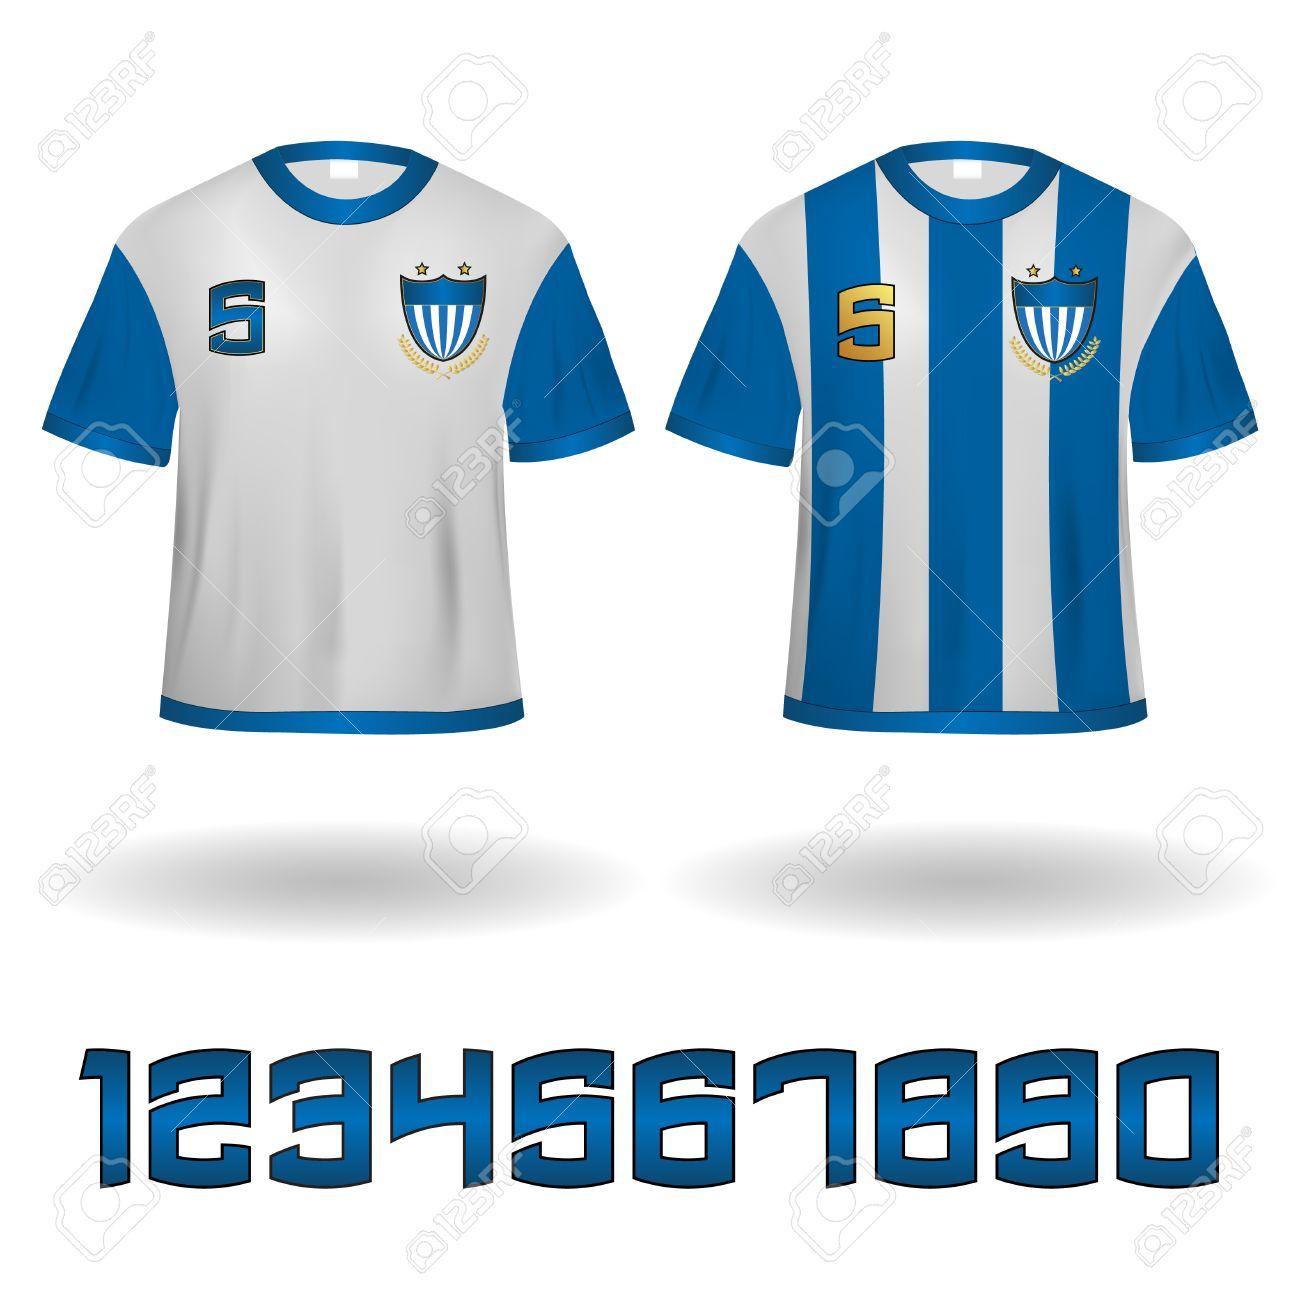 maillots sport veector clip art avec des nombres fix s clip art rh fr 123rf com clipart maillot de foot gratuit